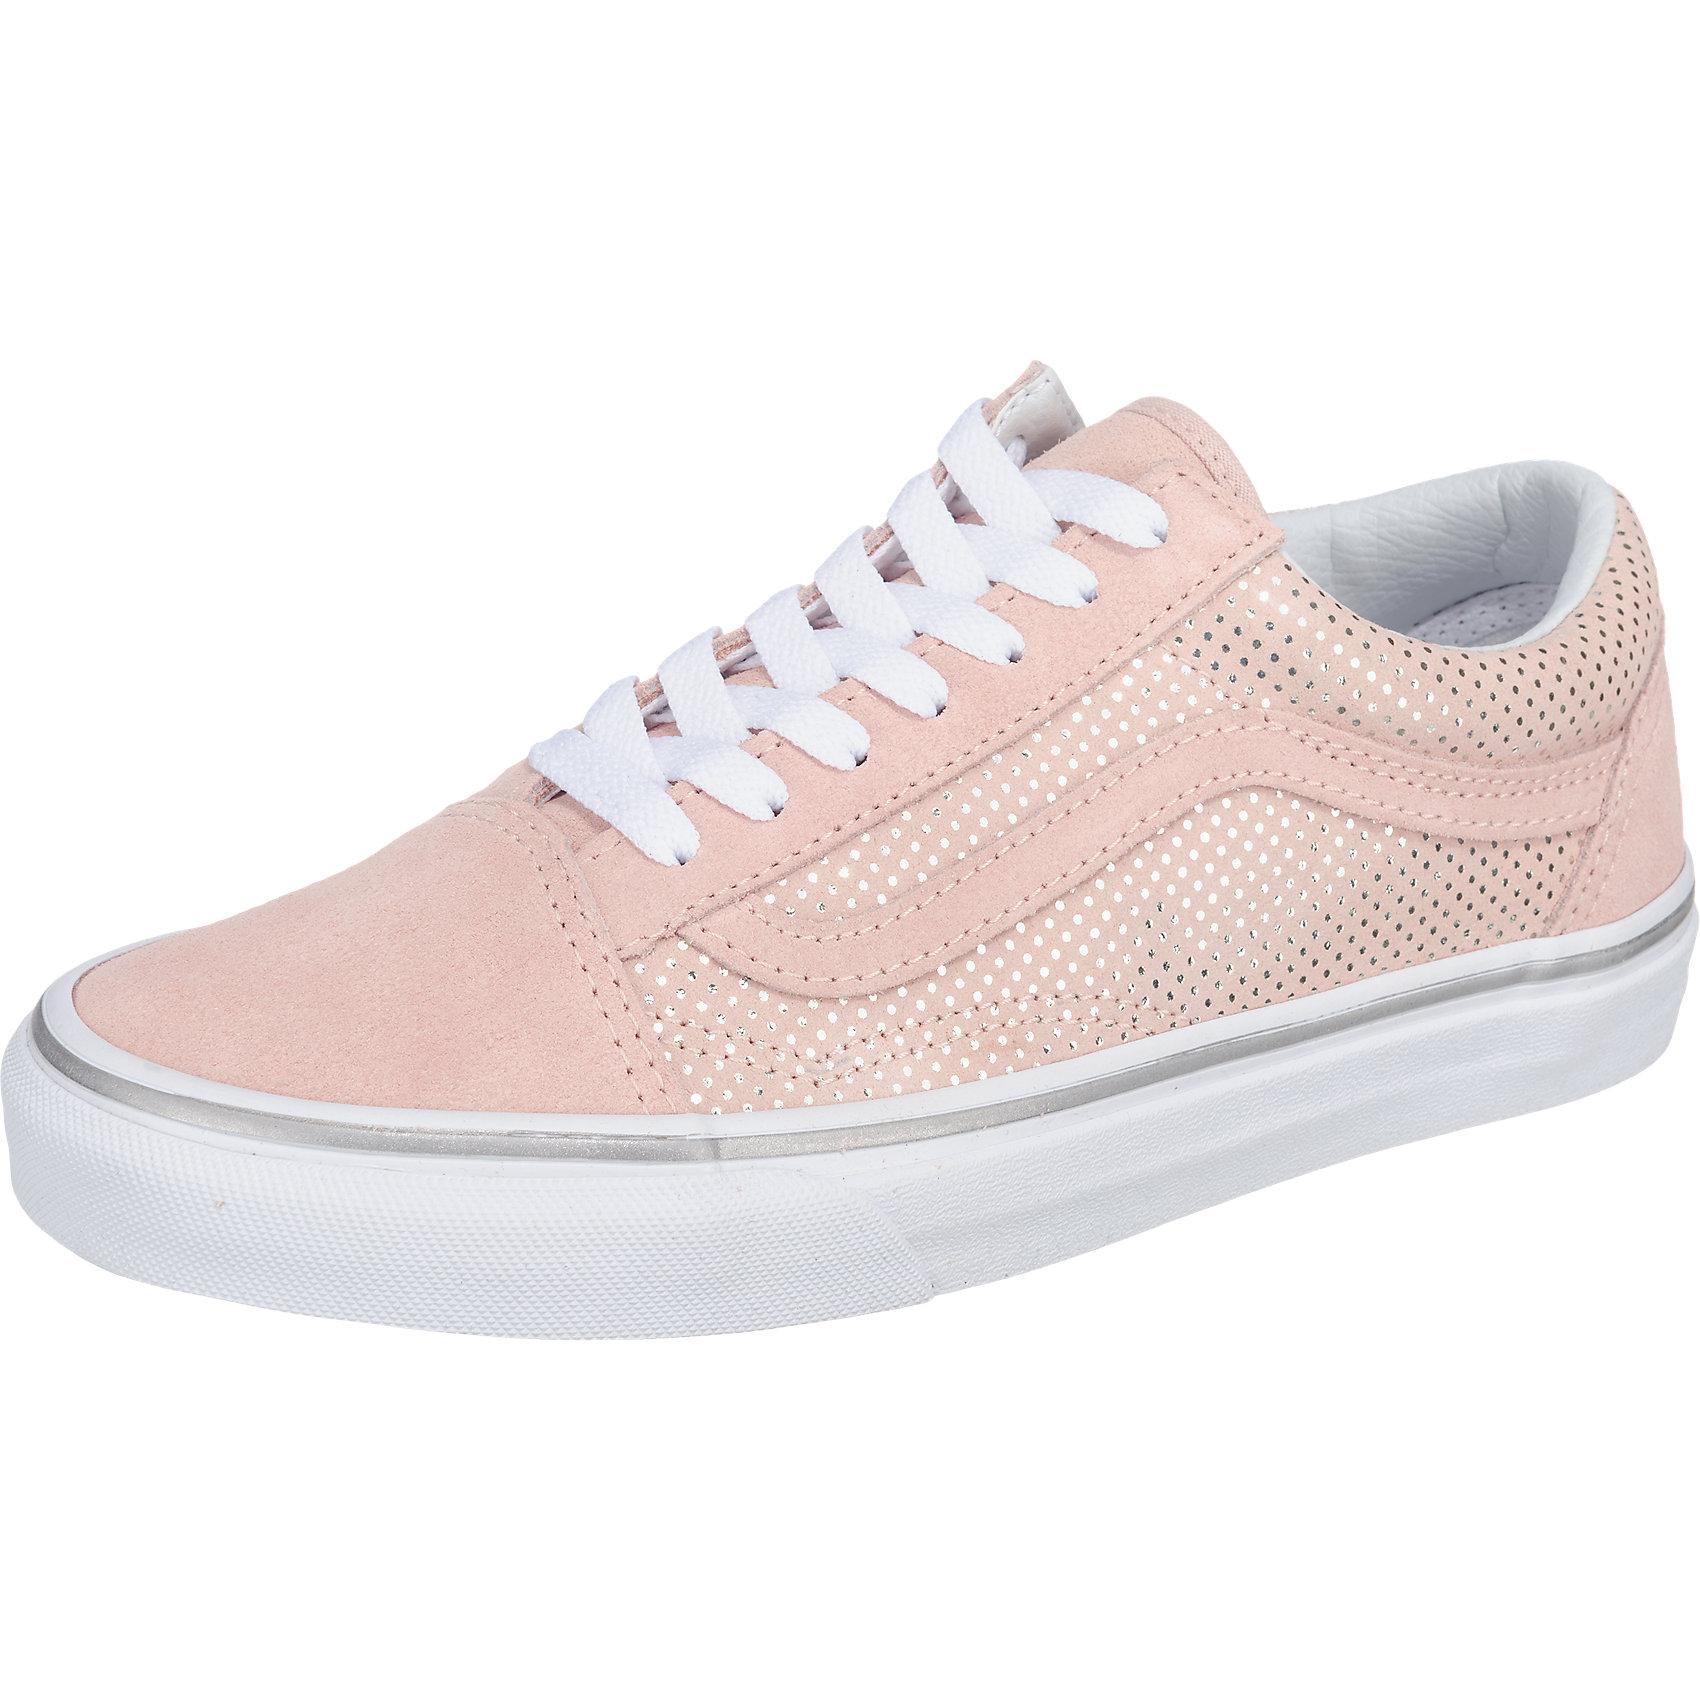 Neu VANS Old Skool Sneakers rosa 5771510